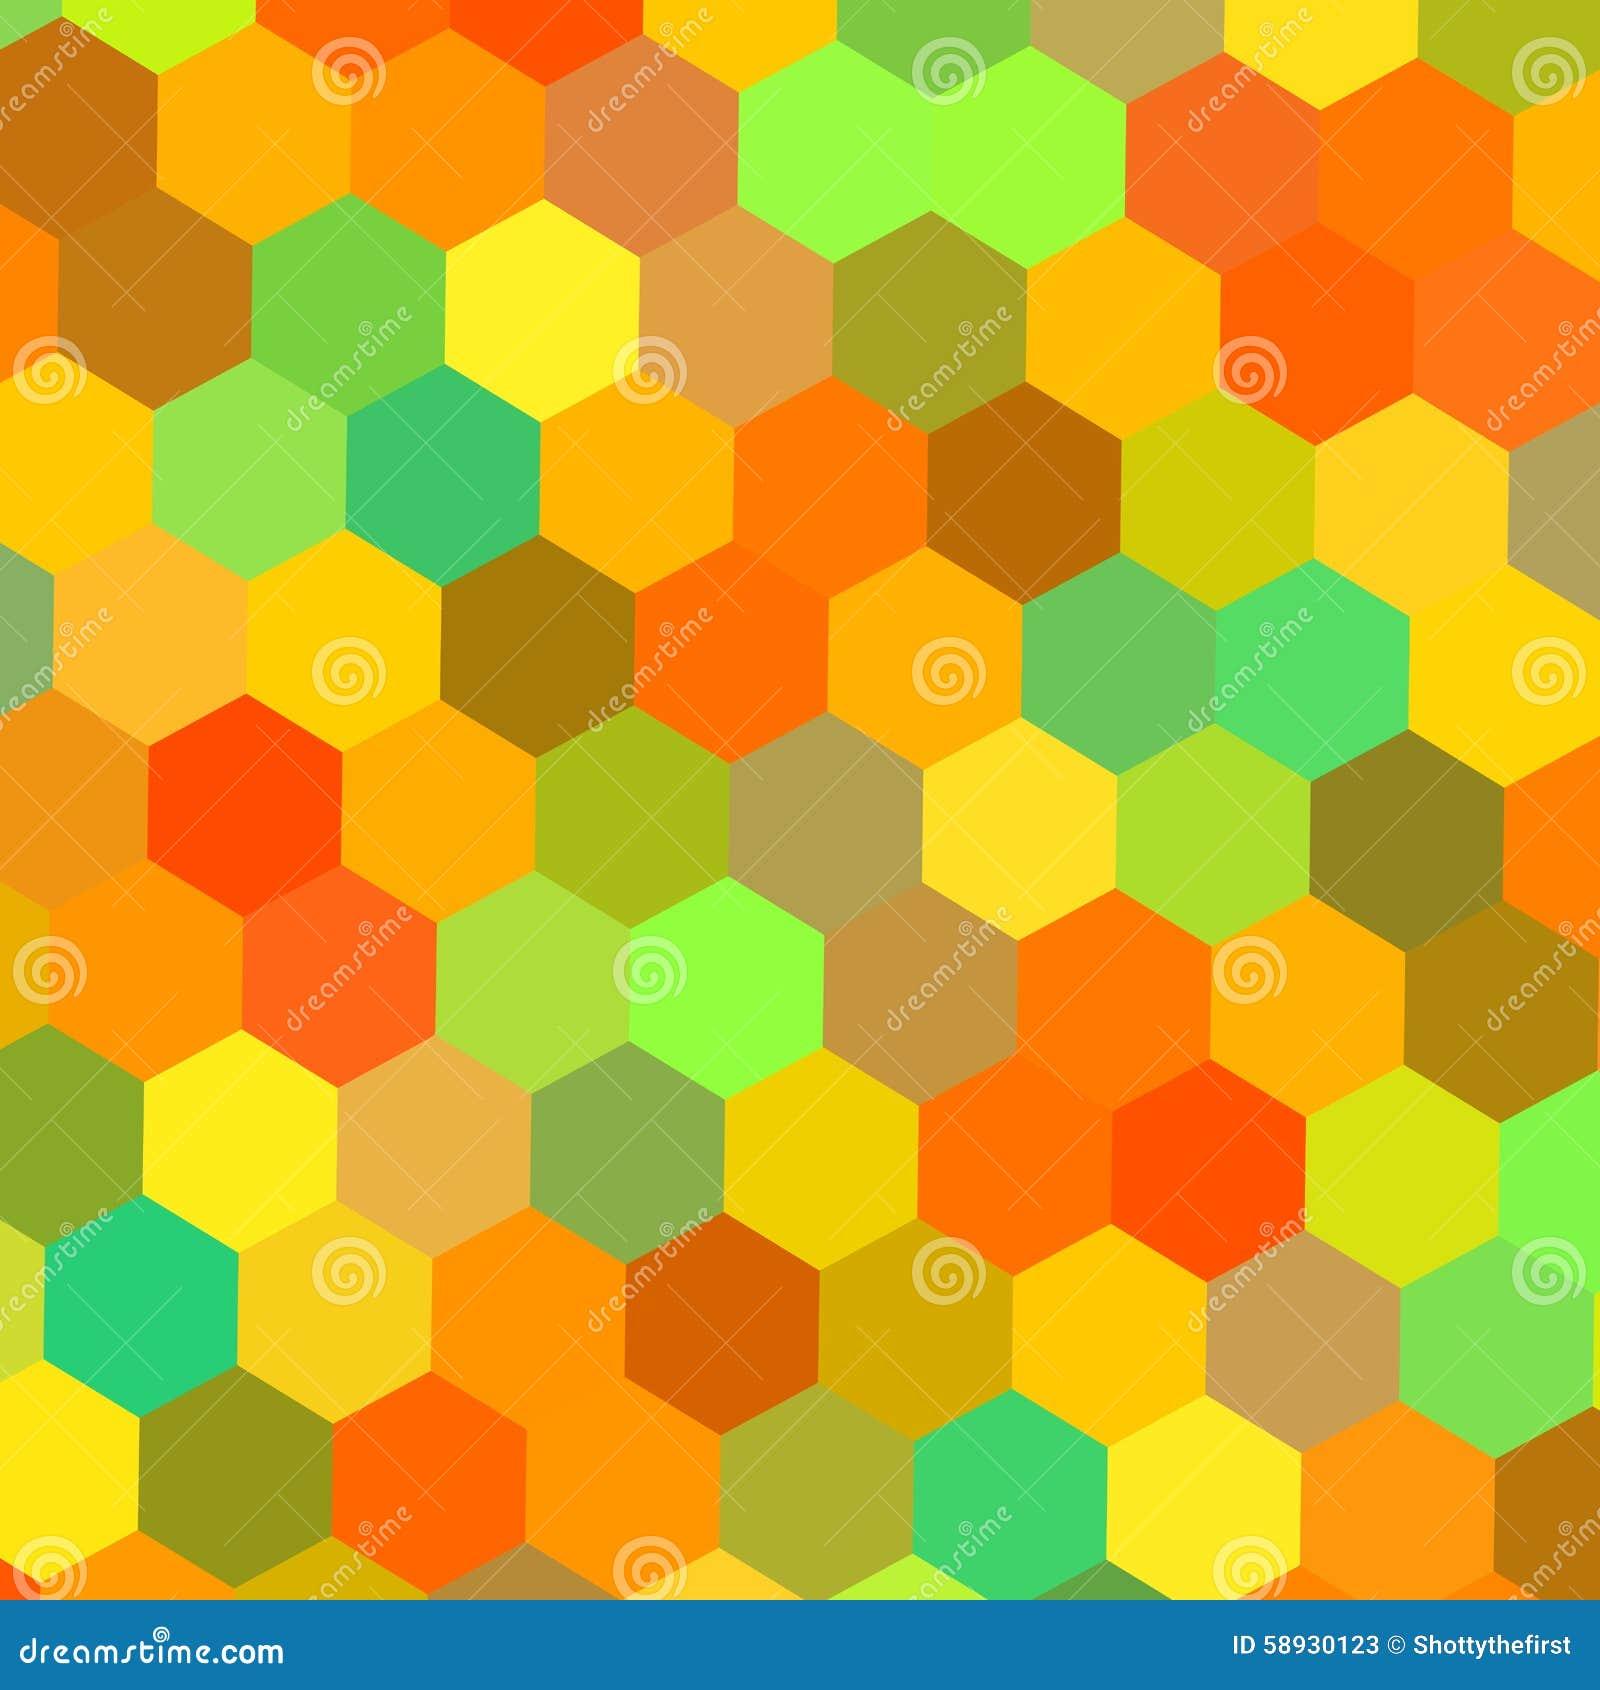 Красочная иллюстрация шестиугольников Искусство цвета Теплое смешивание цвета Матрица техника Графики заголовка вебсайта Счастлив